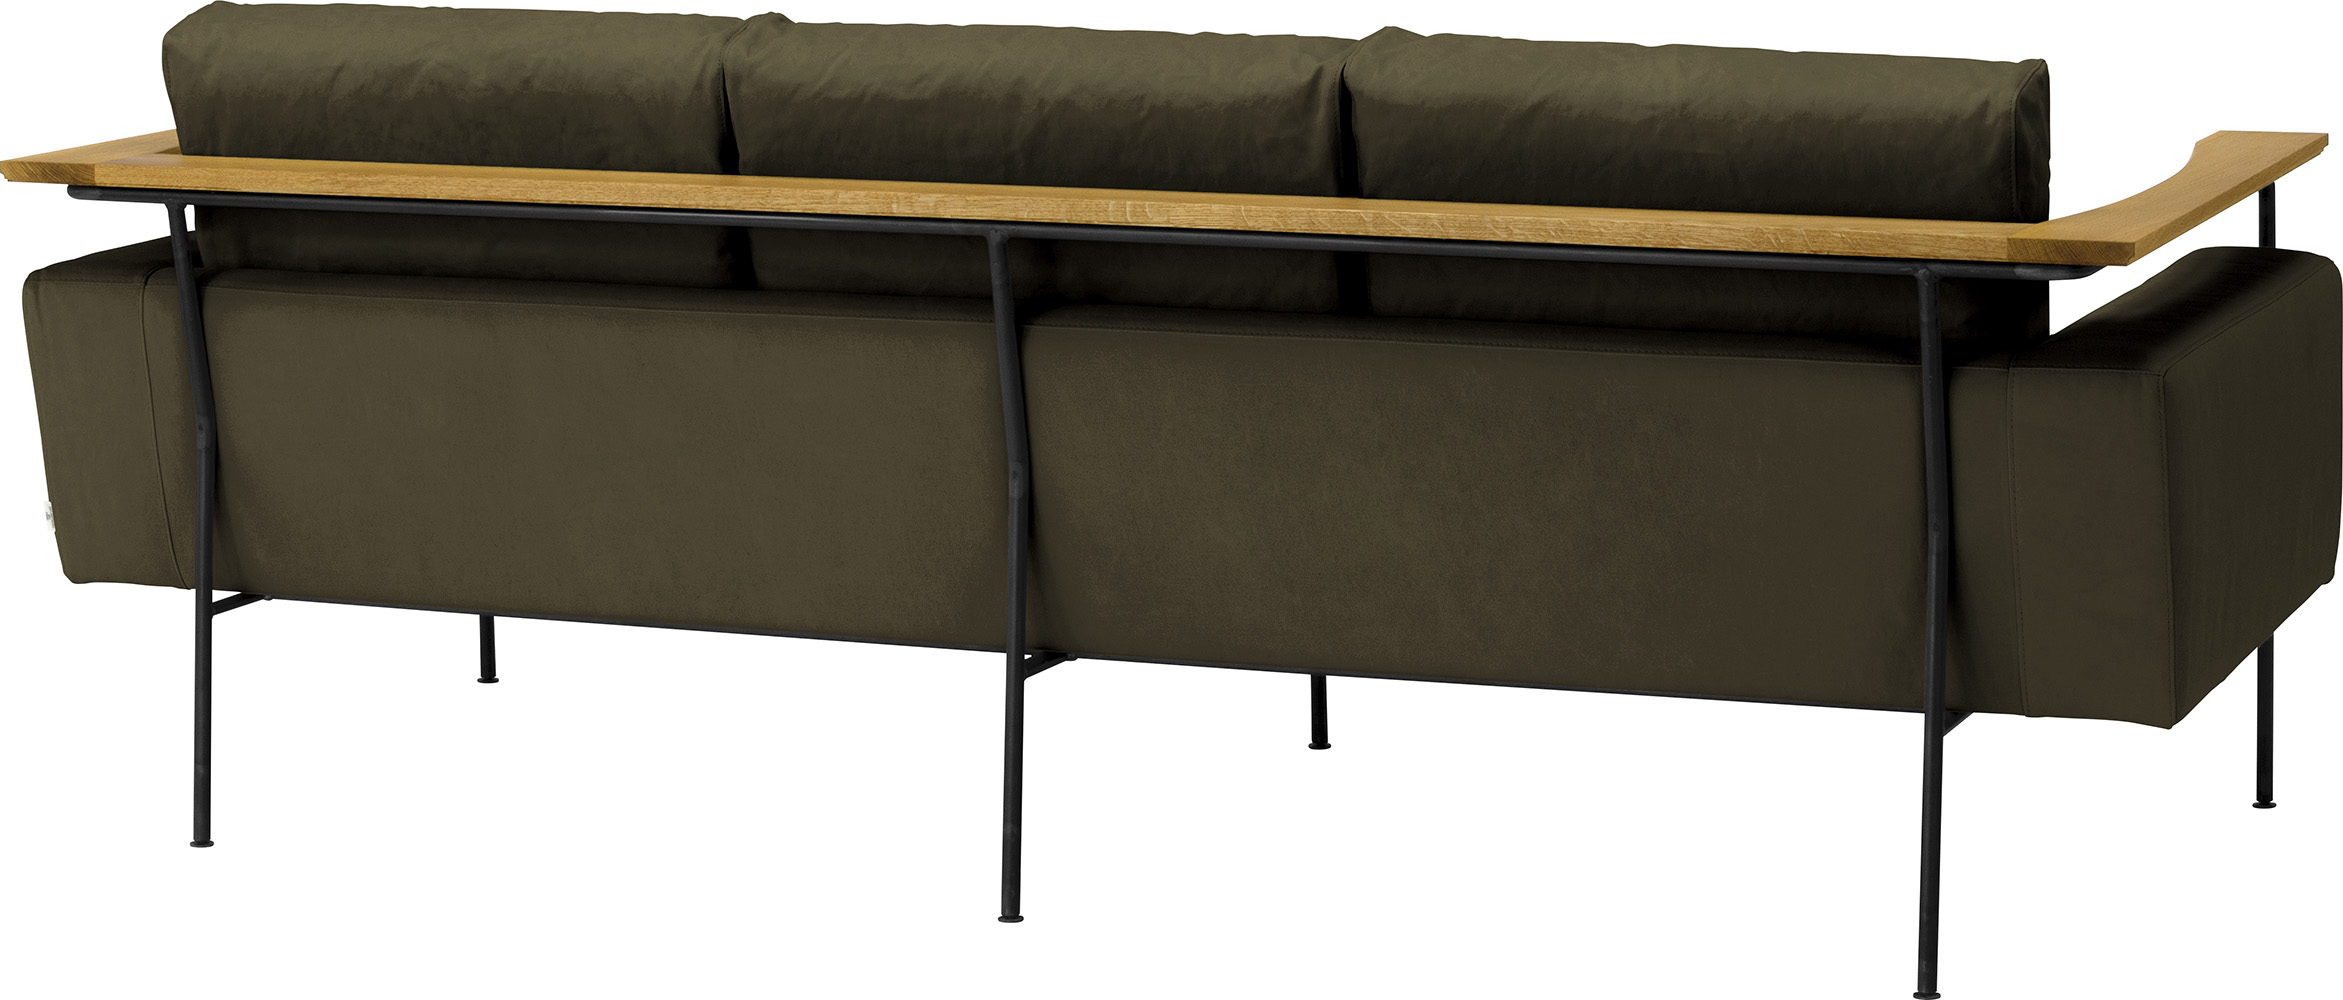 アイテム画像(TIER sofa/ 3seater)メイン